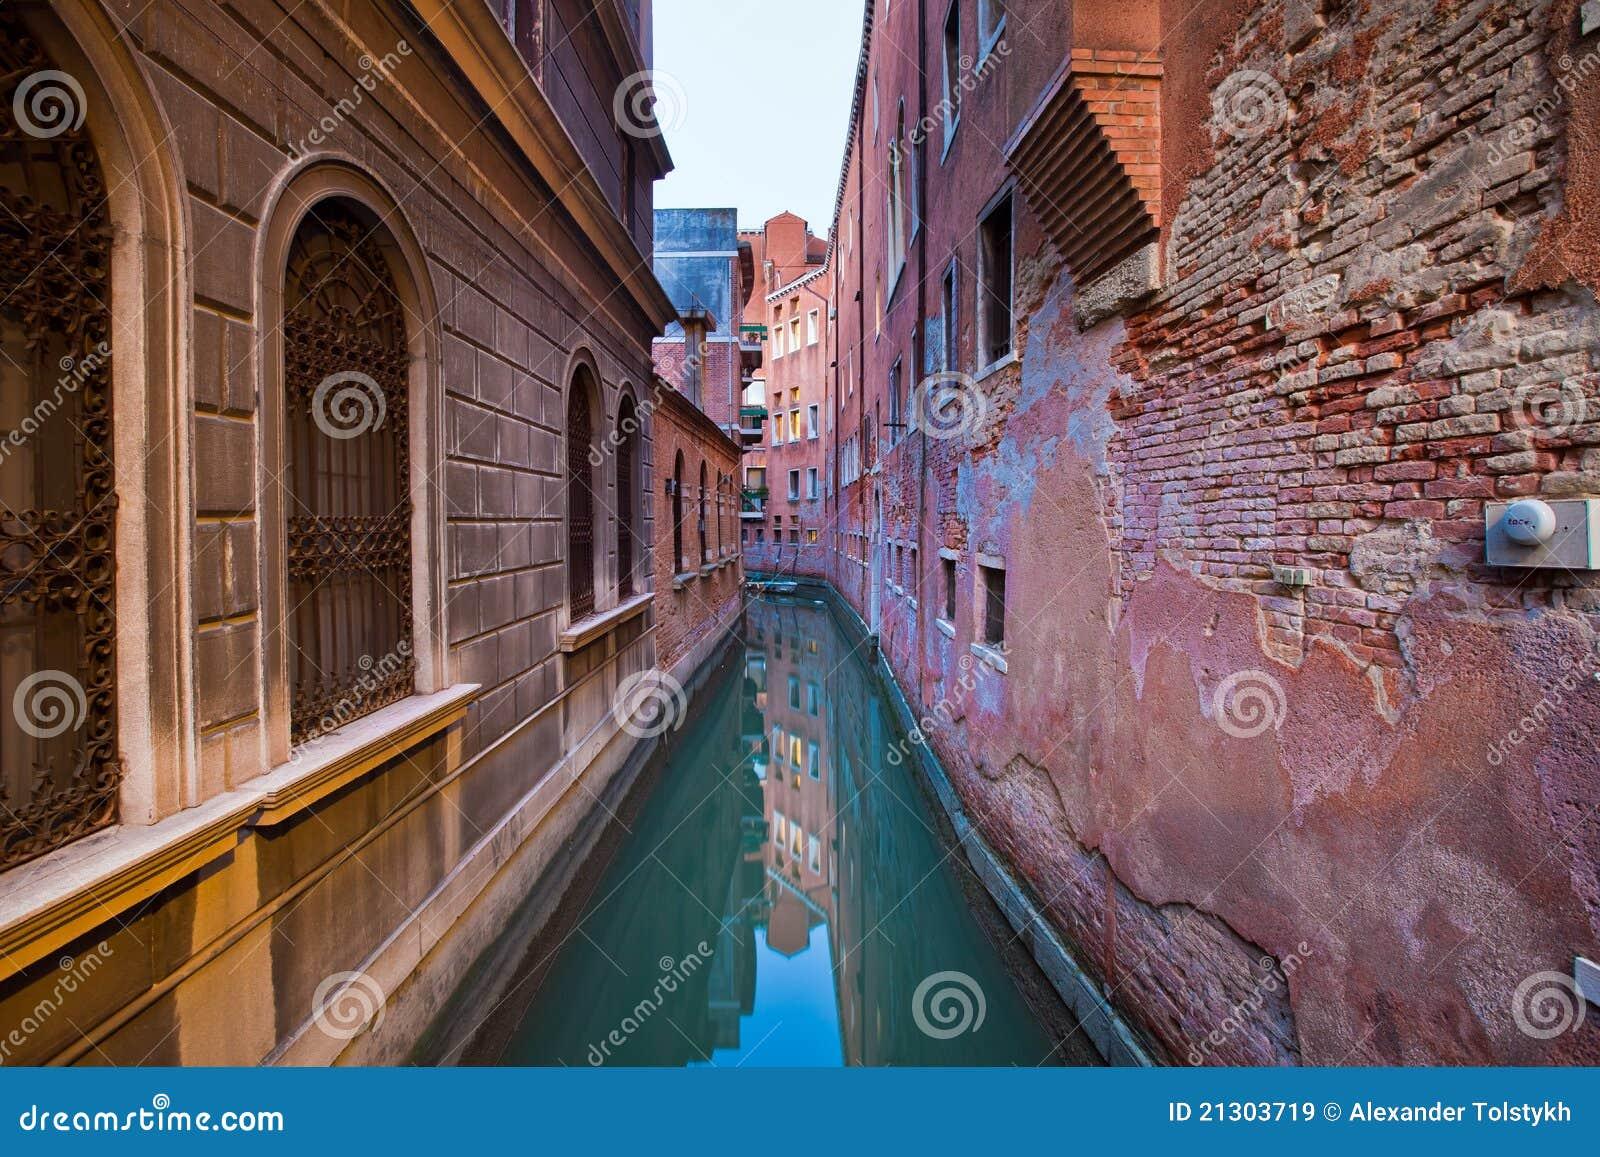 Rua de Veneza, Italy